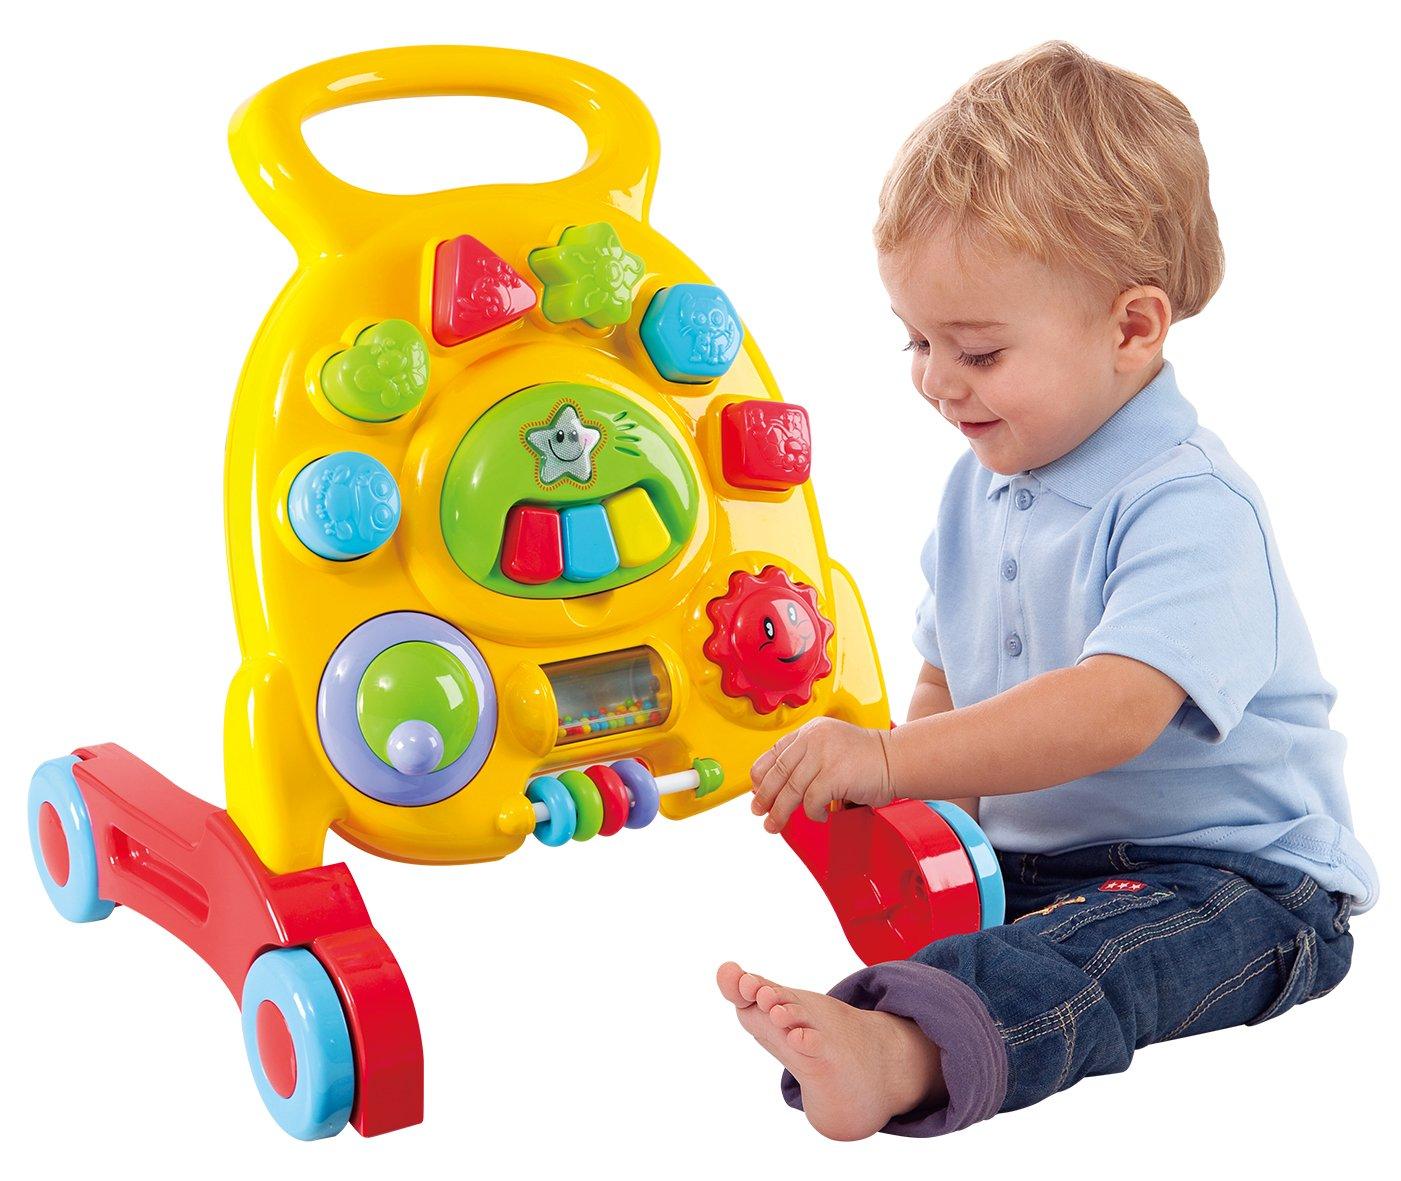 PlayGo 2250 - Juego y andadores: Amazon.es: Juguetes y juegos